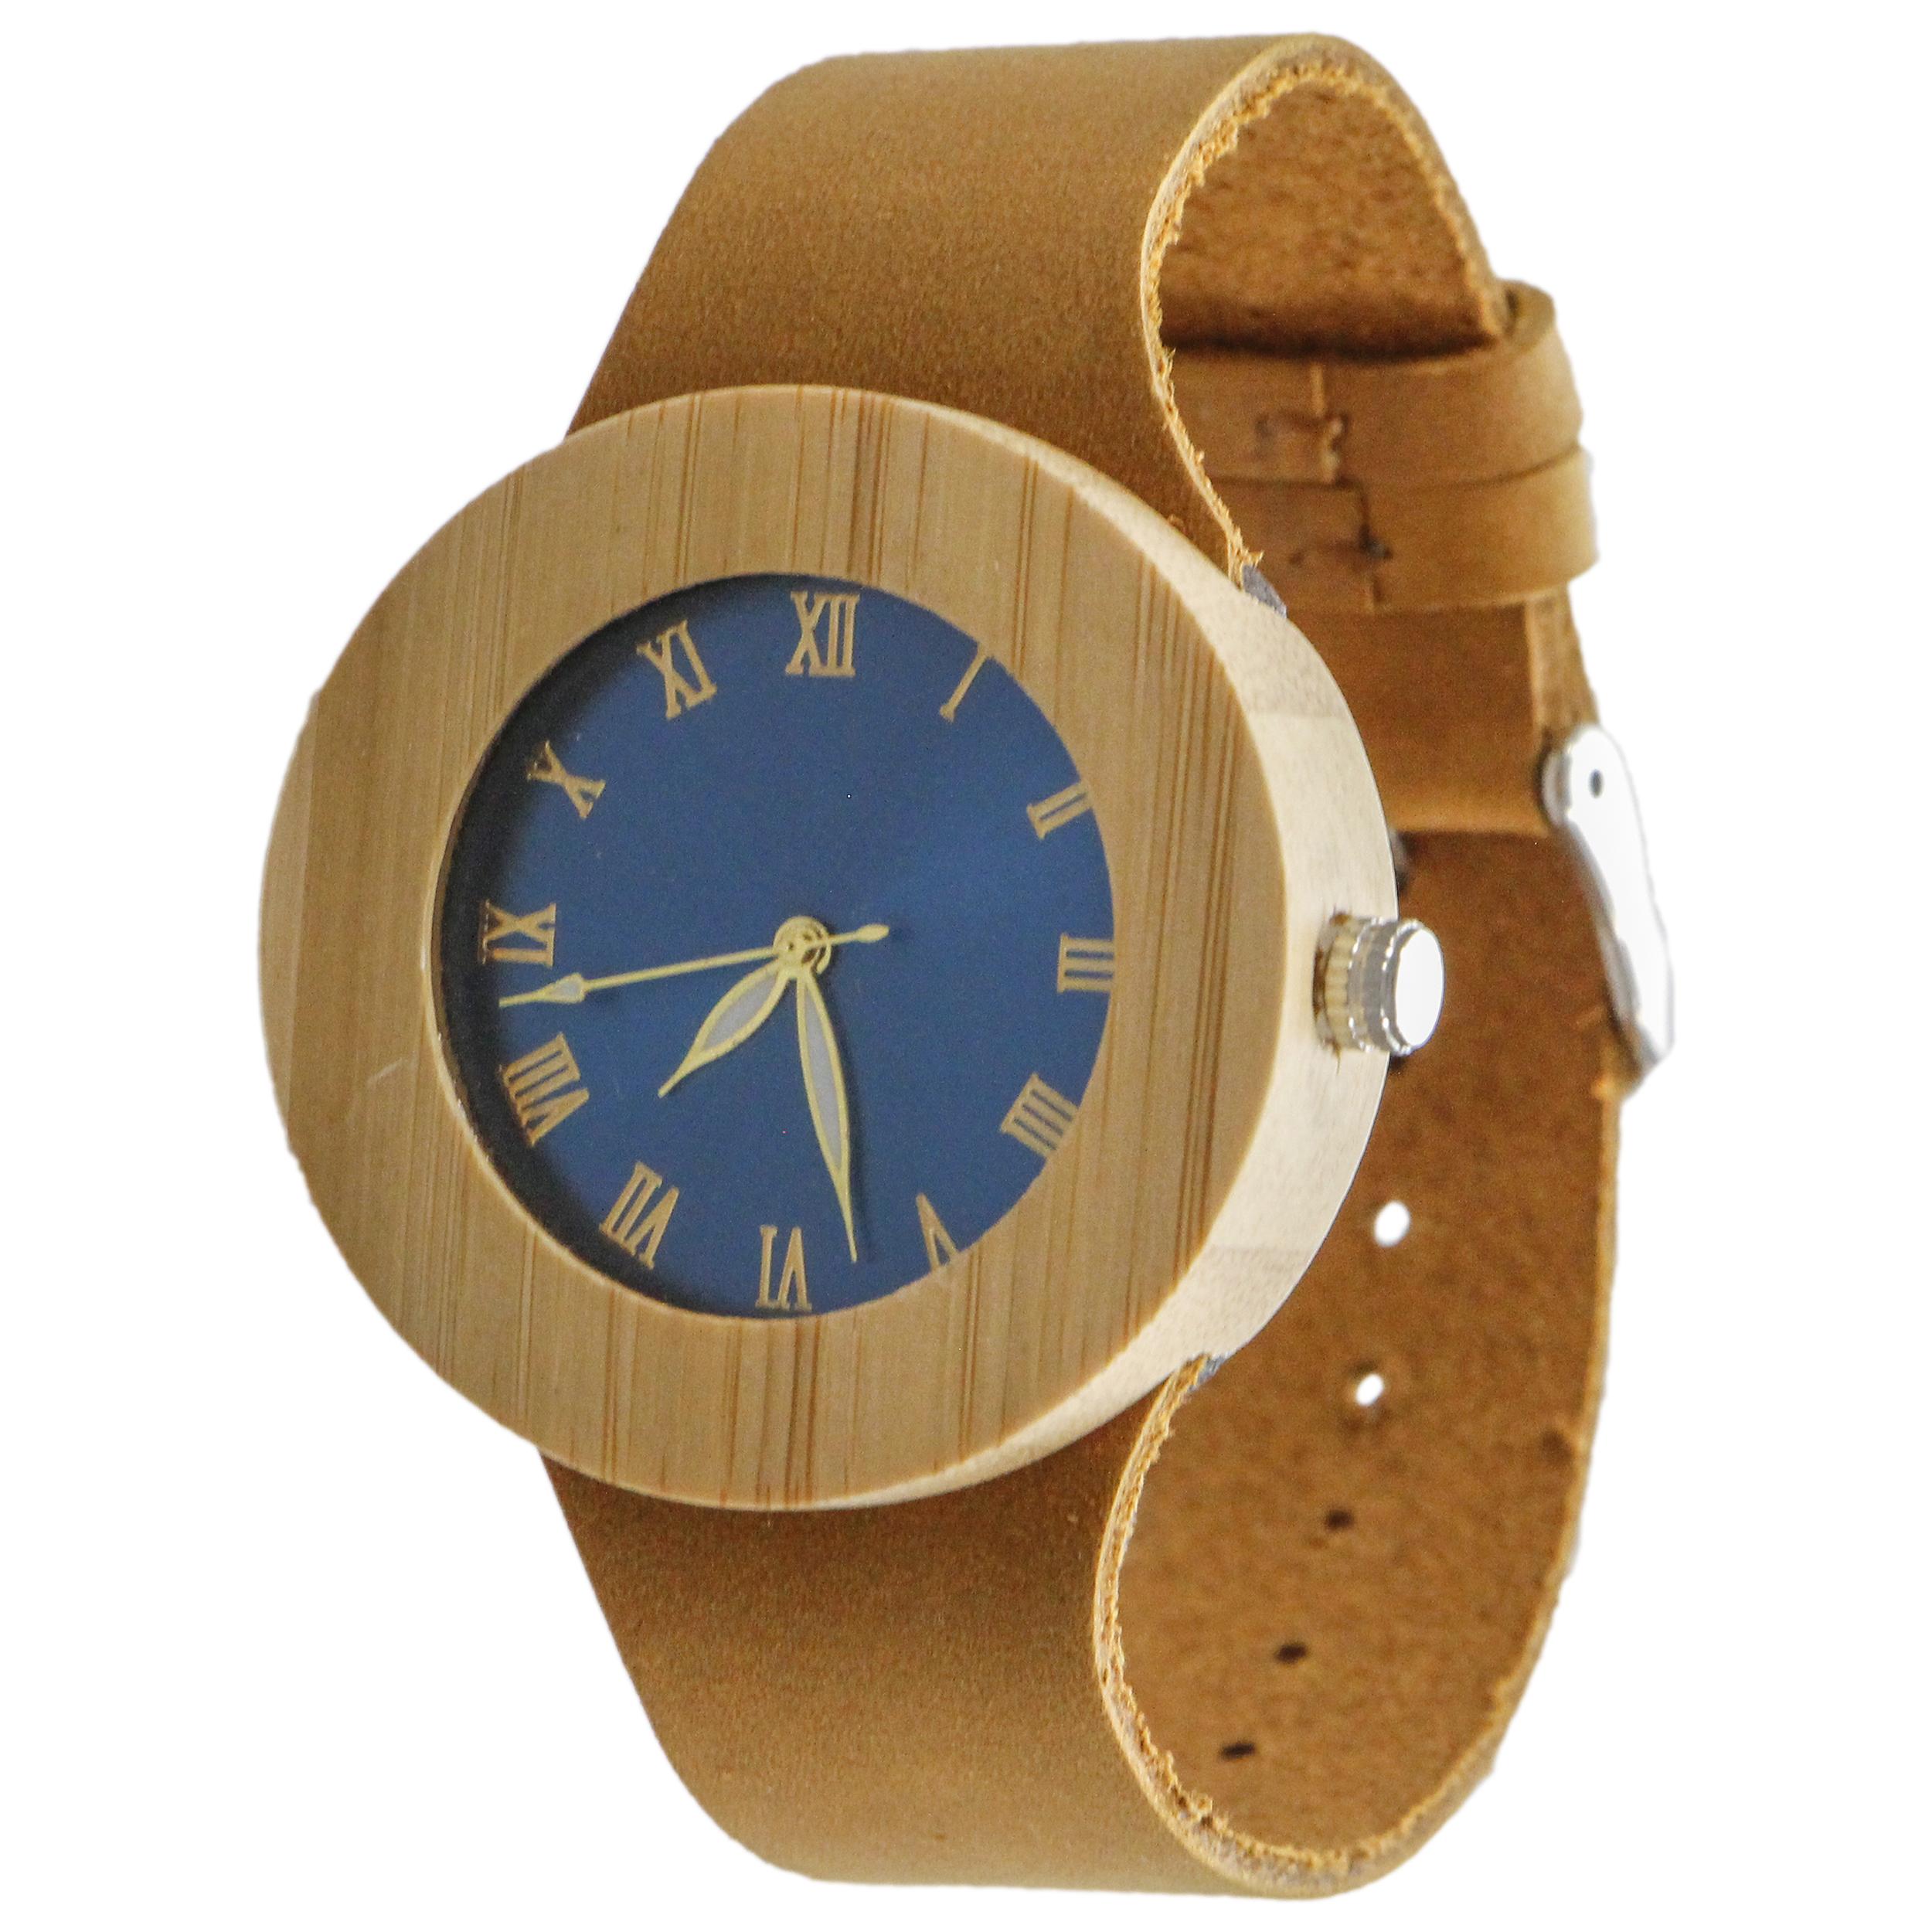 ساعت مچی چوبی عقربه ای - کد BMK17